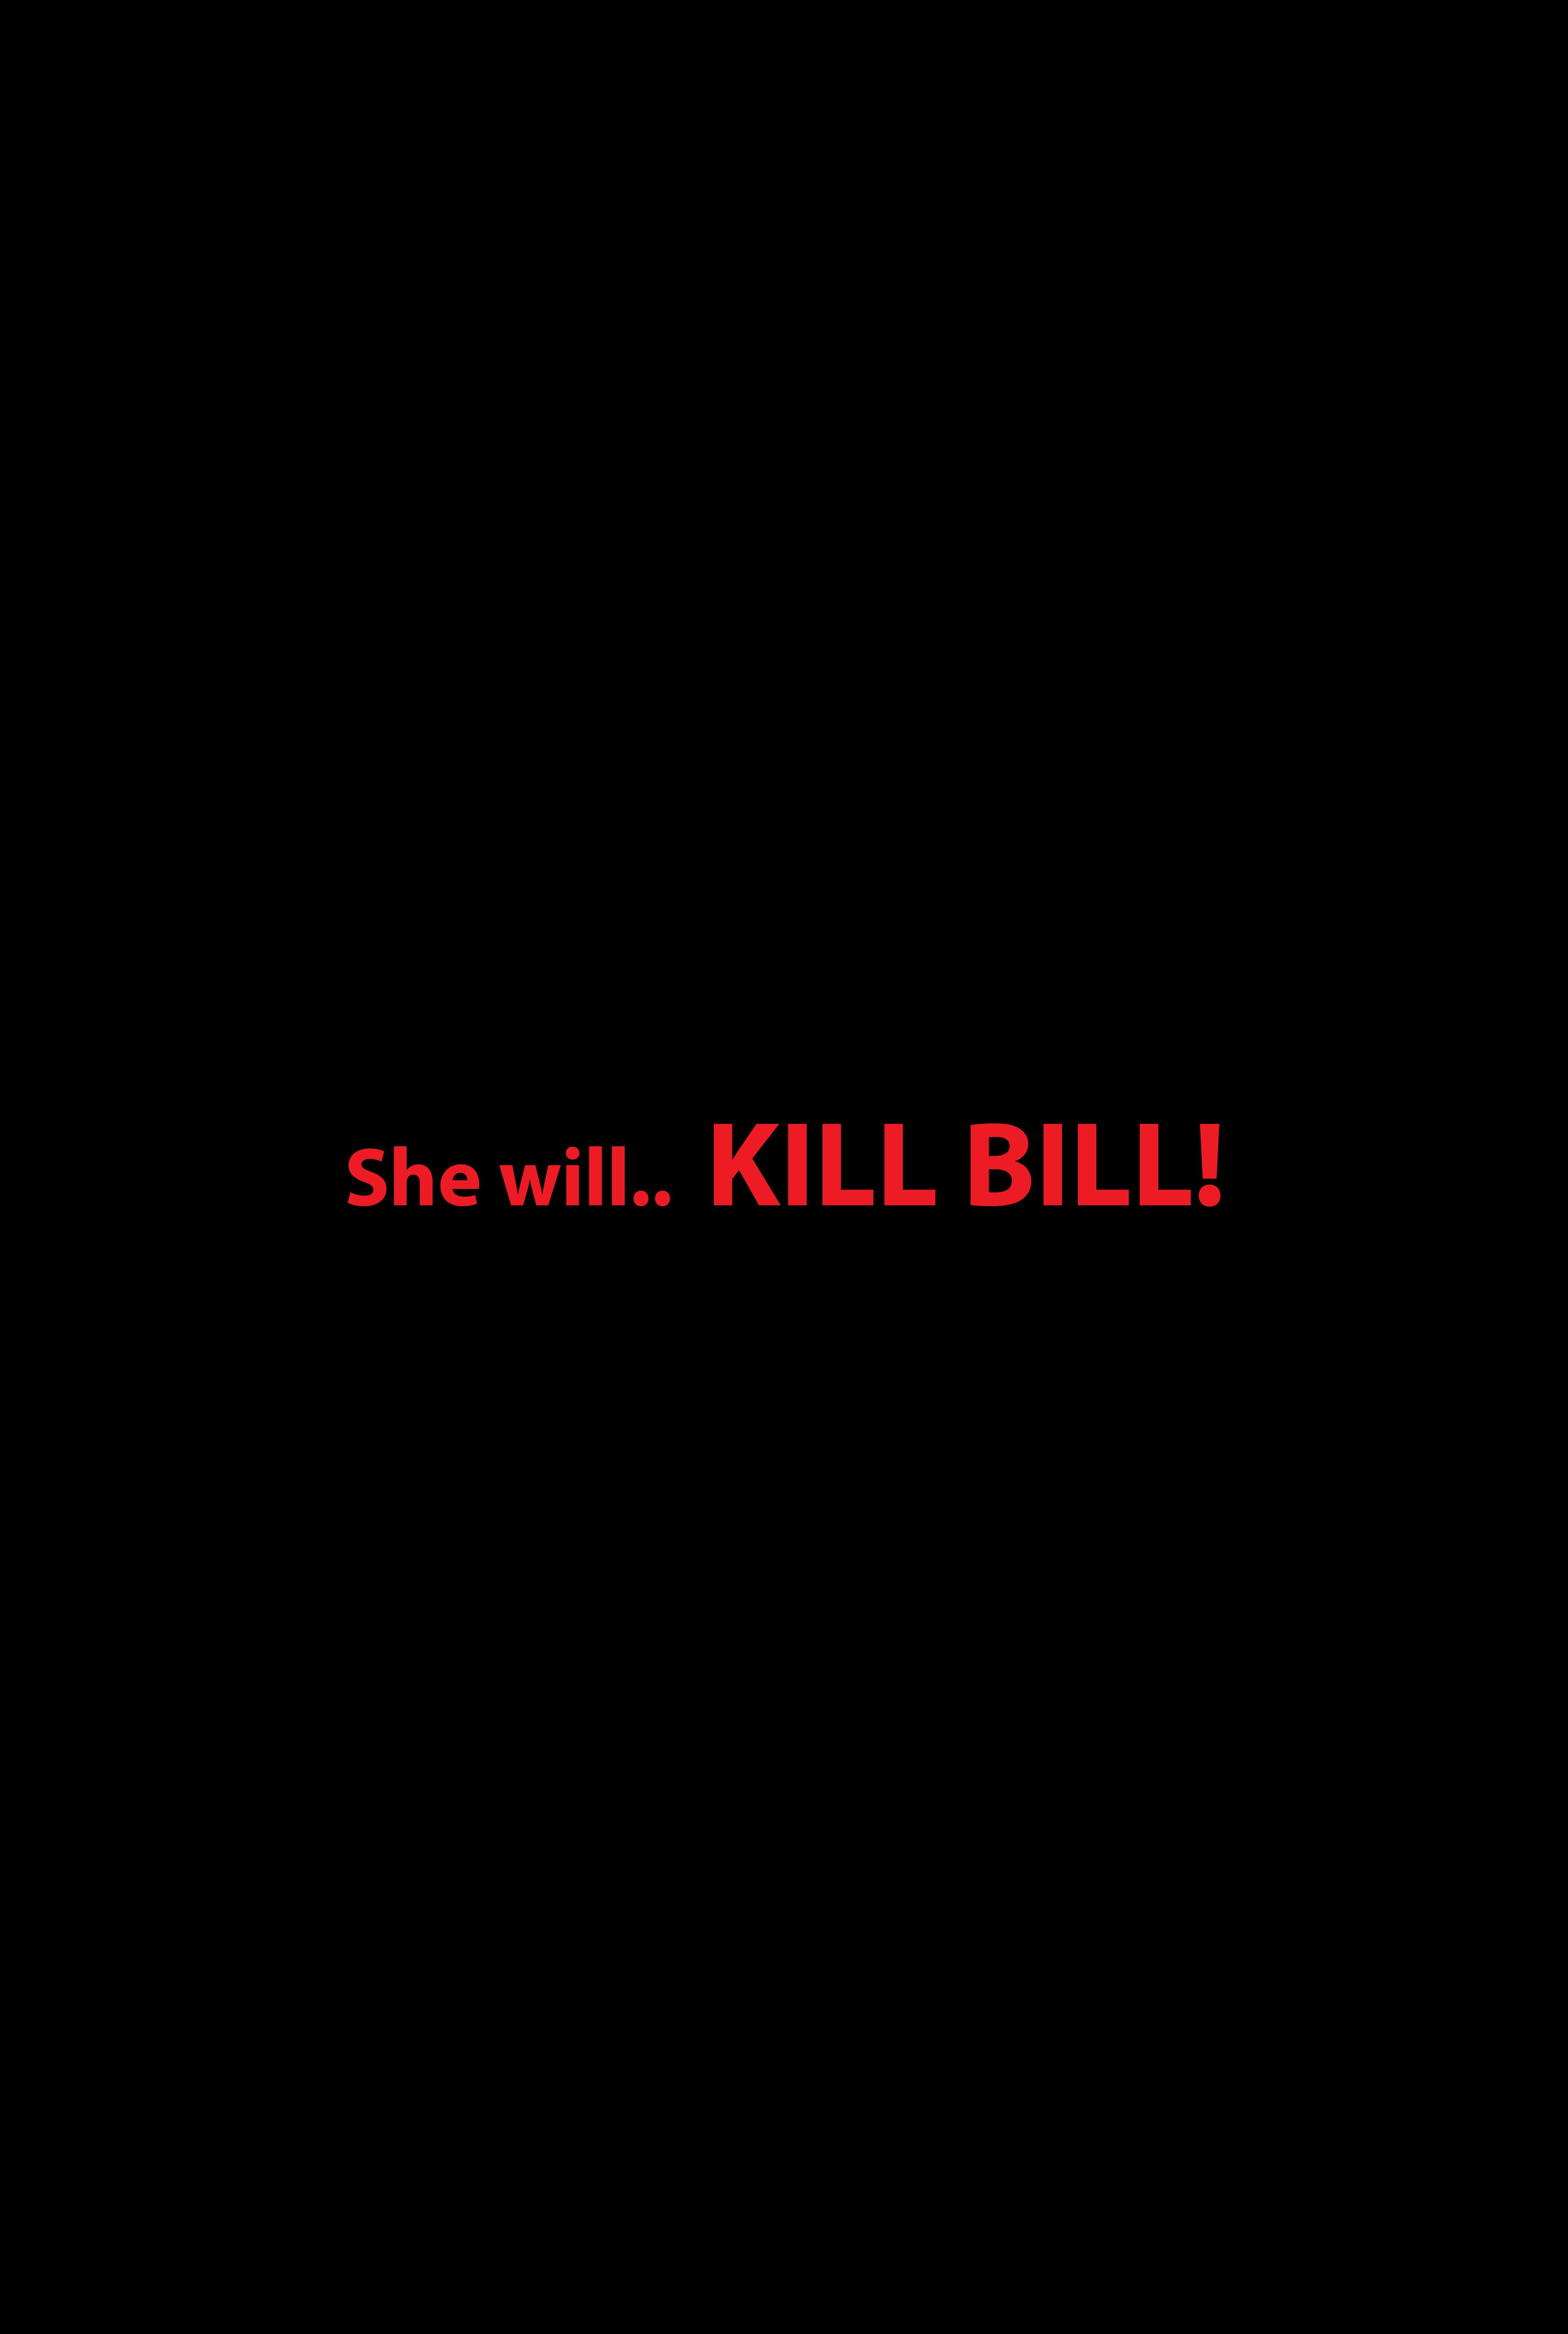 KILL BILL TEXT-10 end